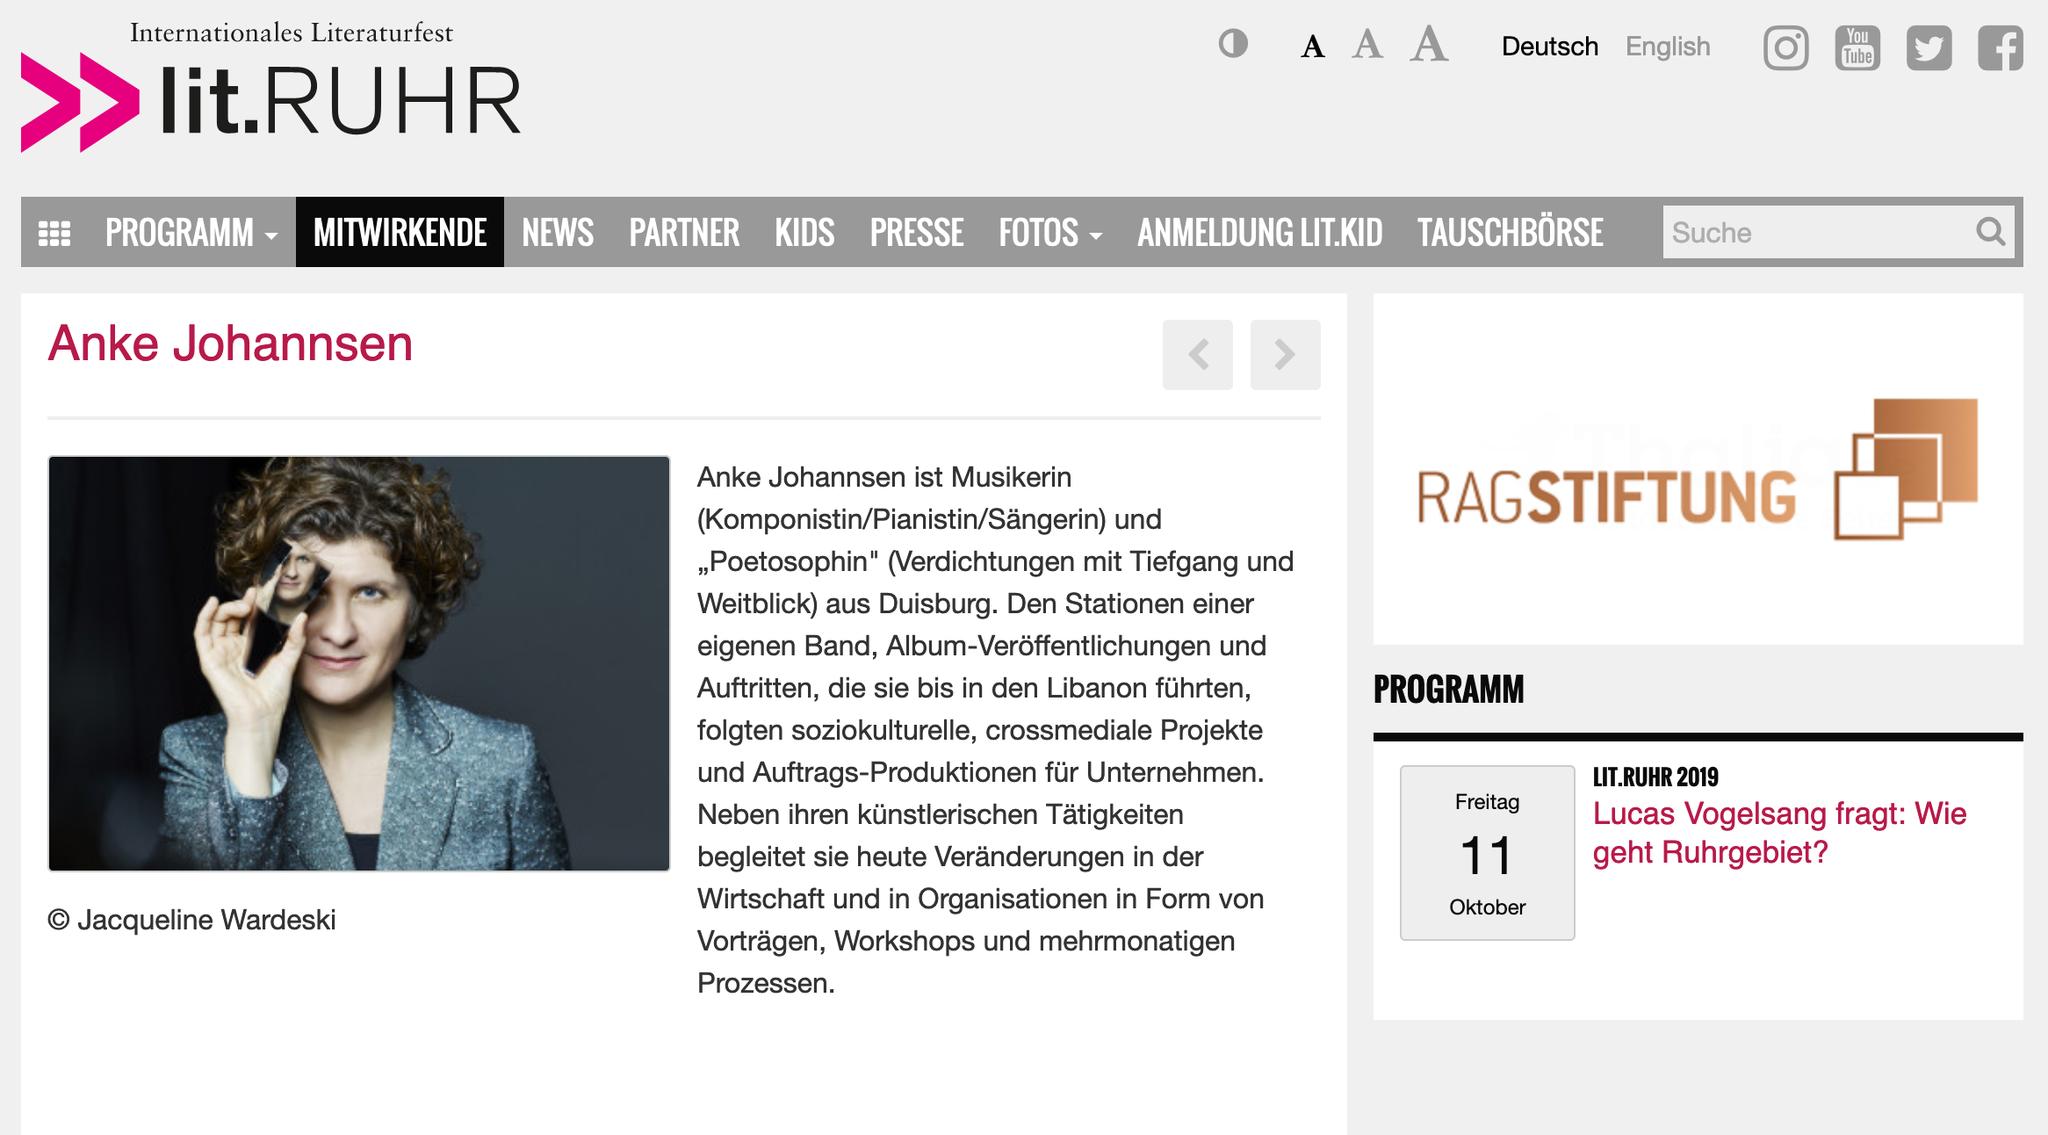 """Lucas Feuerwerk Vogelsang fragt am 11. Oktober: """"Wie geht Ruhrgebiet?"""", und nimmt mich mit auf die Bühne. Zwei Tage später dann noch einmal: Alte Mühle in der Dong, Neukirchen-Vlyun, 15 - 17 Uhr (weitere Infos per Klick auf das Bild)"""